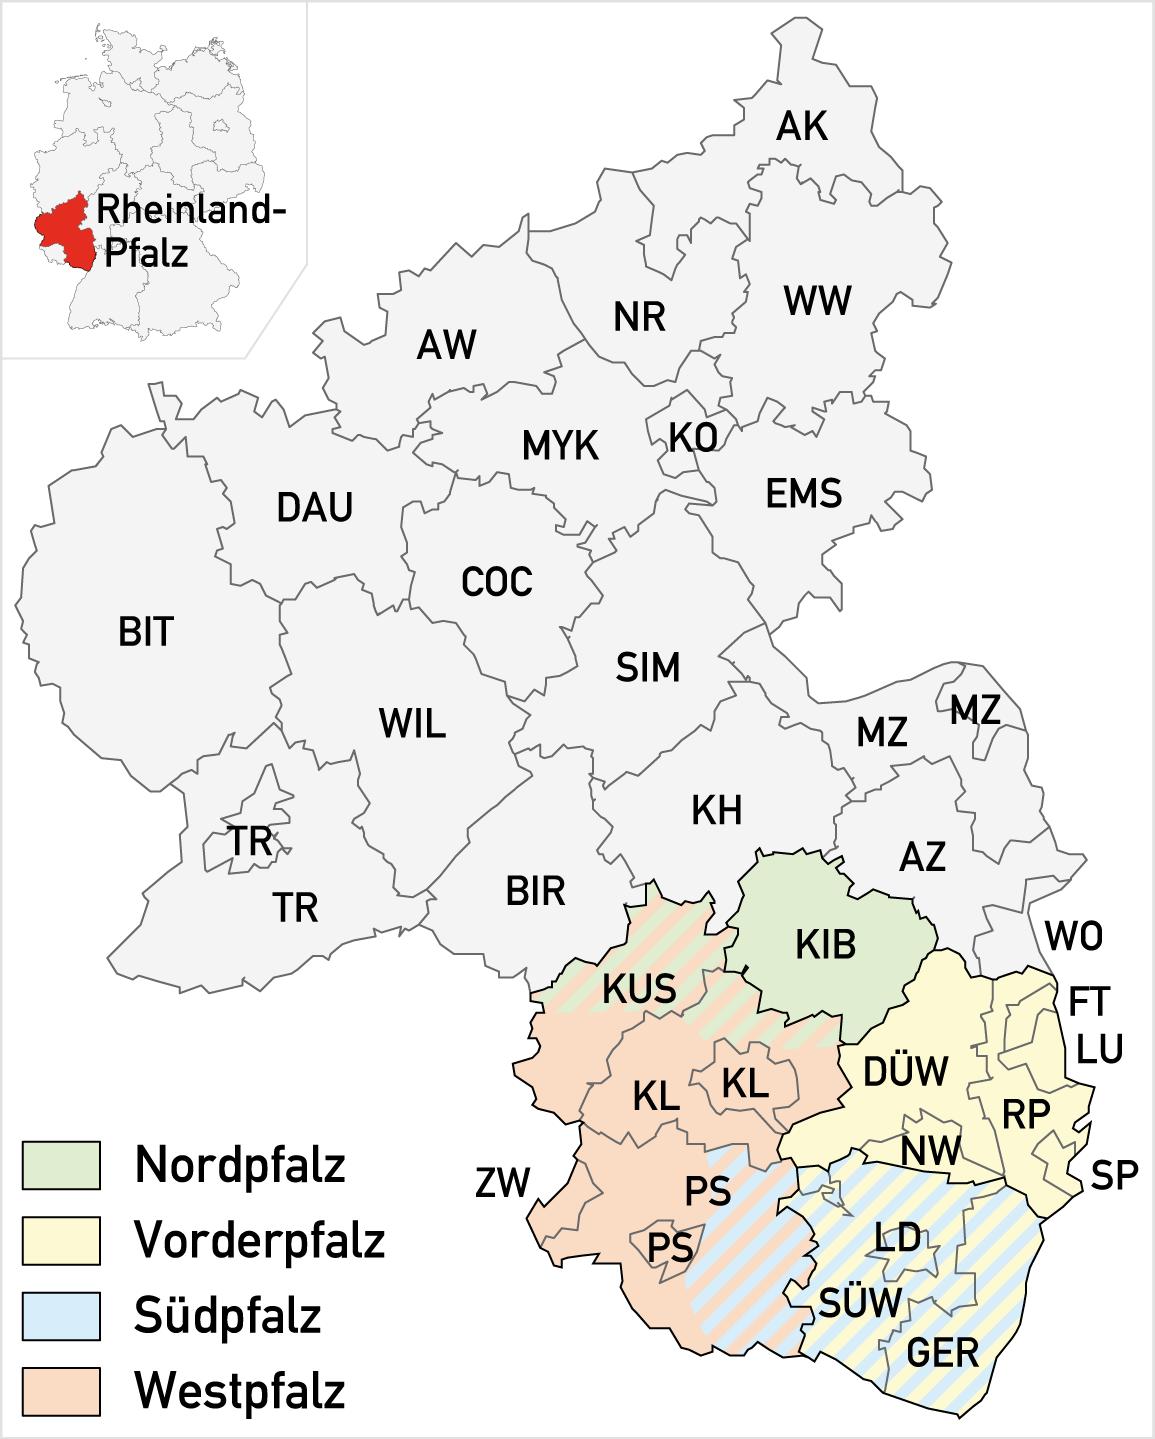 handelswege niederlanden nach preußen